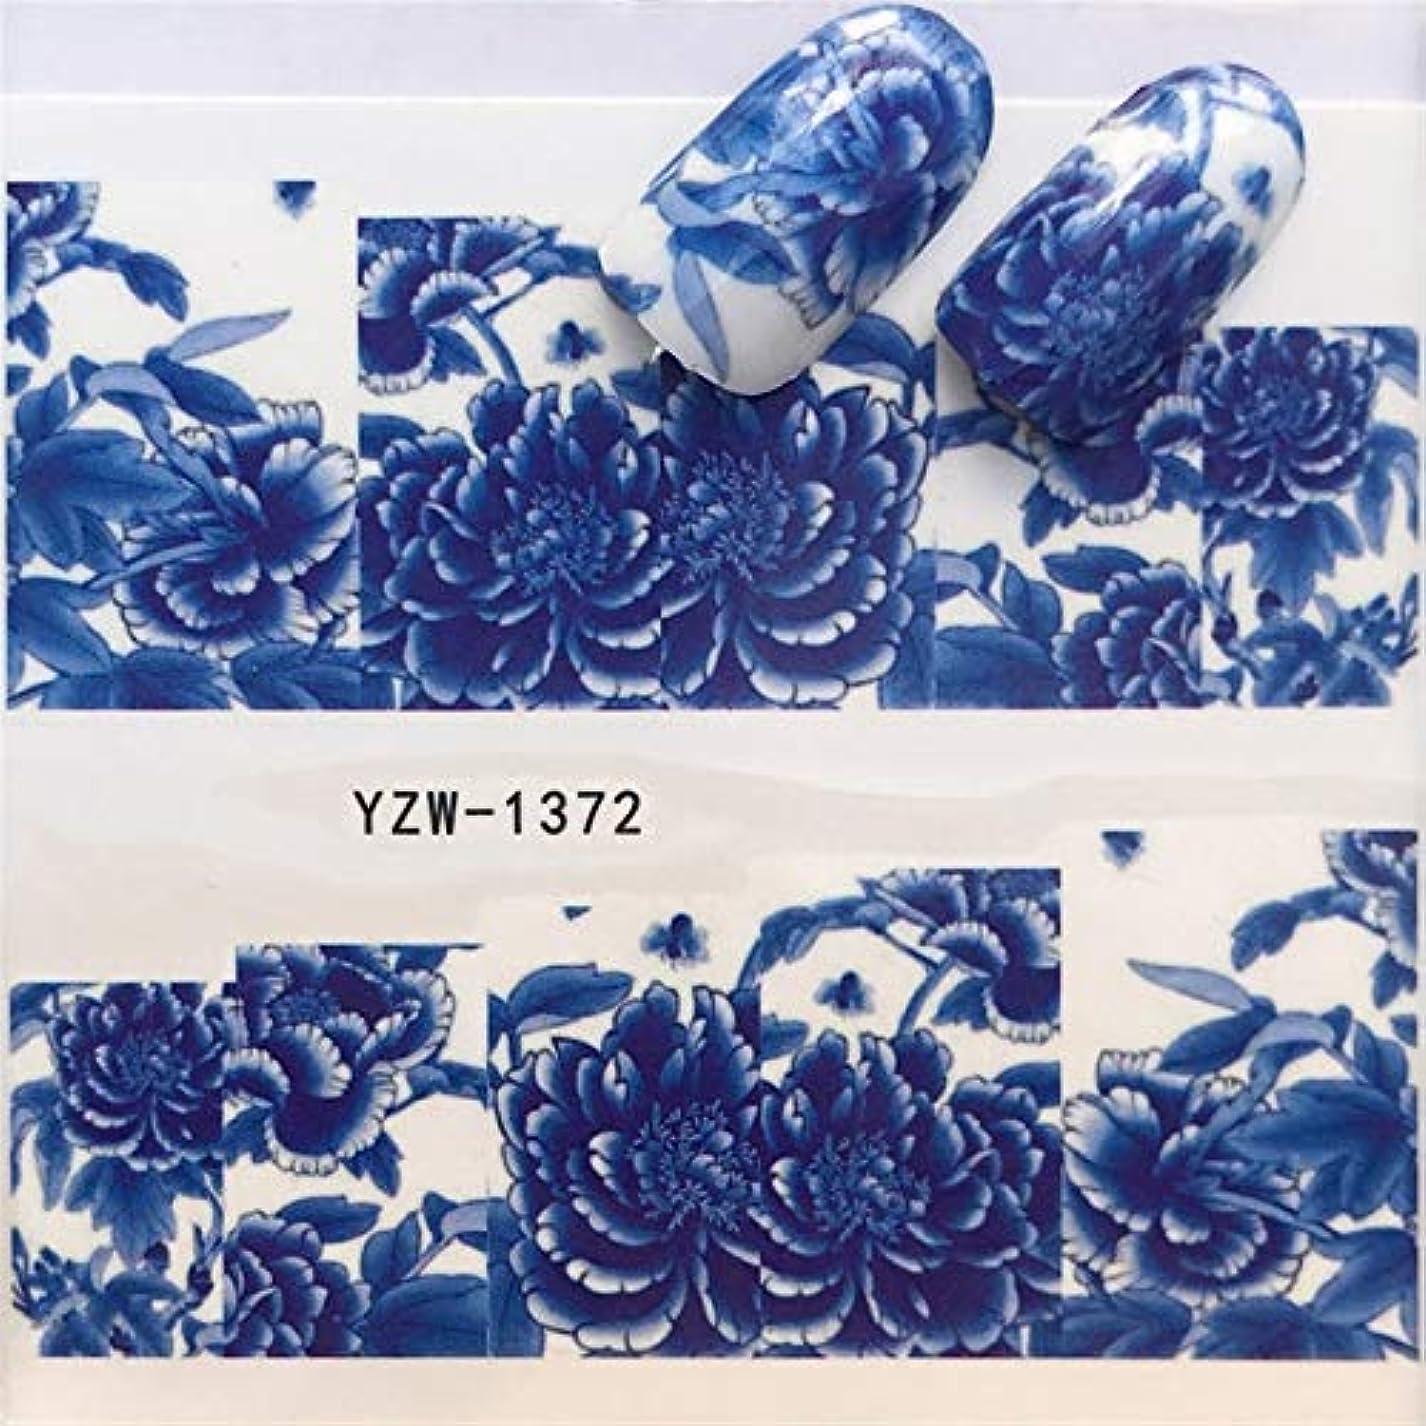 残忍な作家むしゃむしゃビューティー&パーソナルケア 3個ネイルステッカーセットデカール水転写スライダーネイルアートデコレーション、色:YZW 1372 ステッカー&デカール